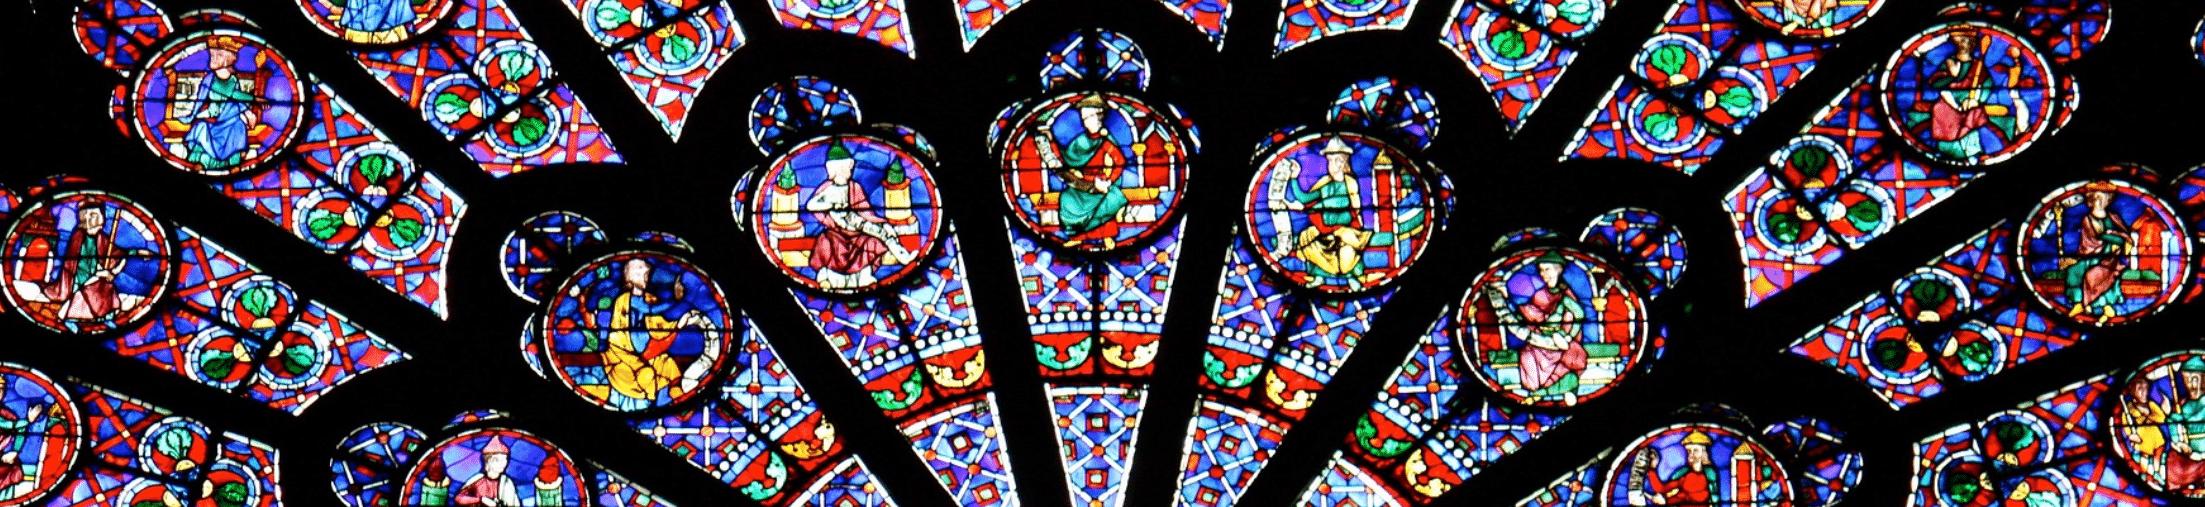 Fenêtre vitrail rosace sud notre dame